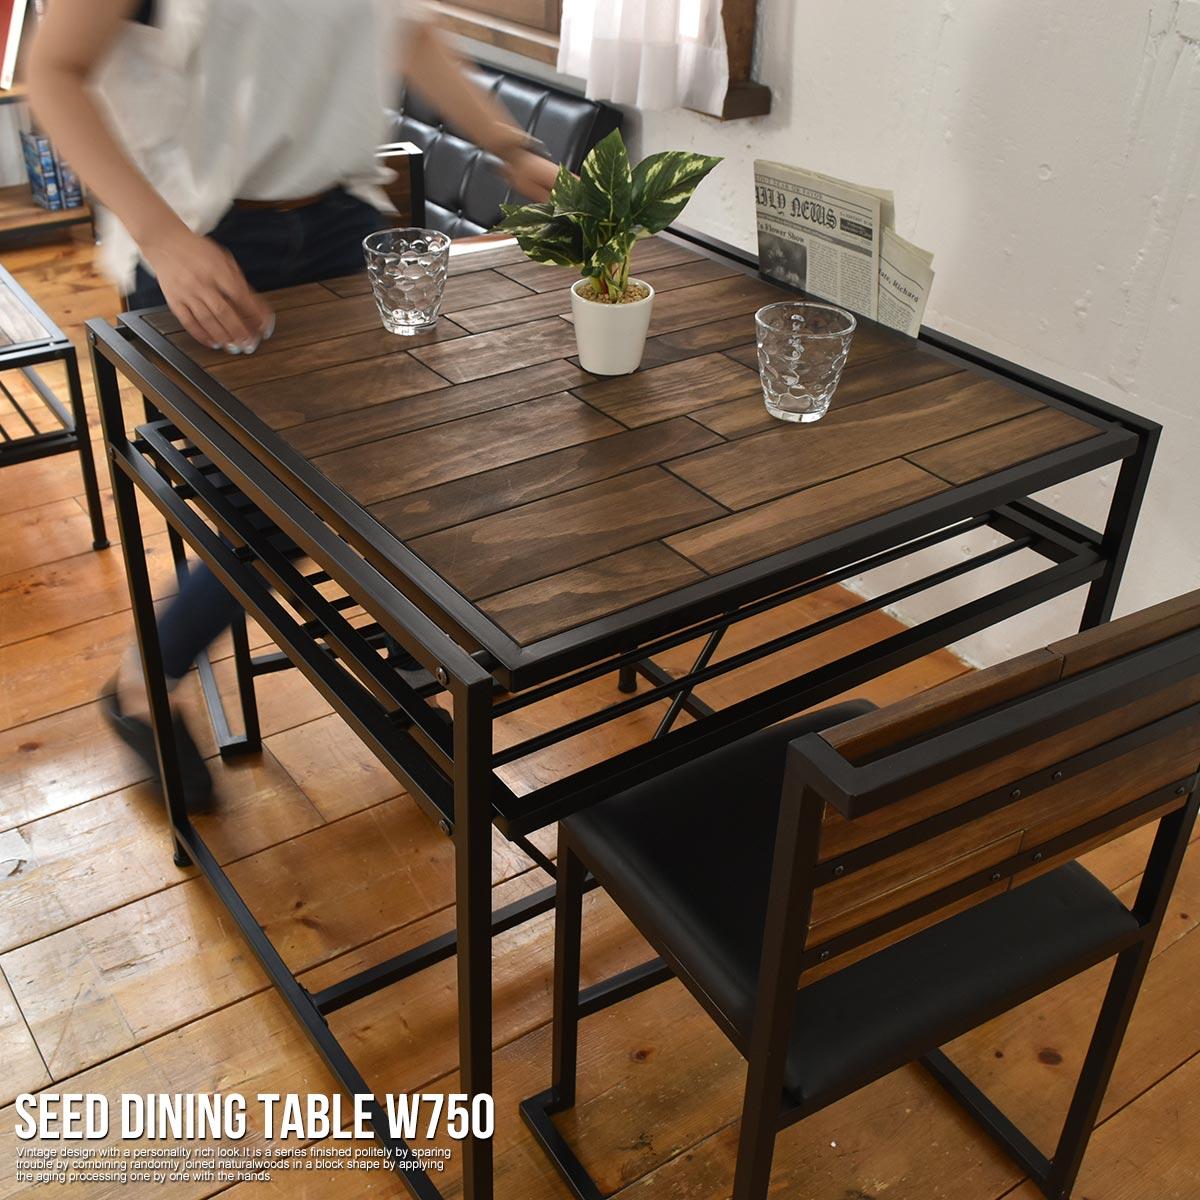 【1/5まで全品10倍】ダイニングテーブル SEED シード 幅75cm 食卓テーブル 木製 天然木 北欧 おしゃれ かわいい 男前 アイアン ブルックリン 正方形